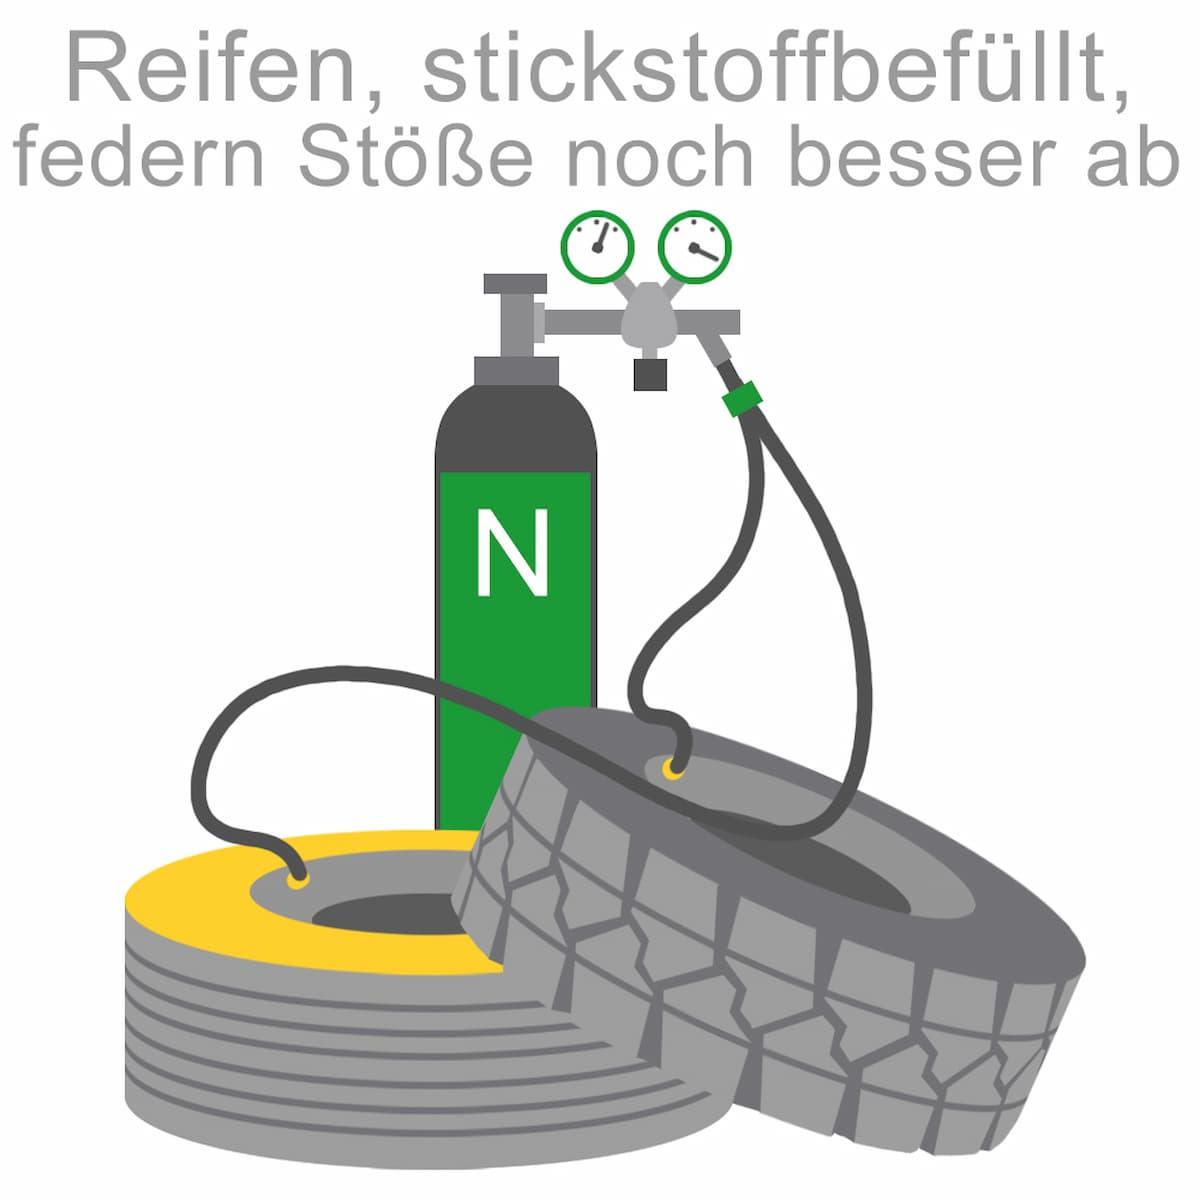 Stickstoffbefüllte Reifen federn Stöße noch besser ab